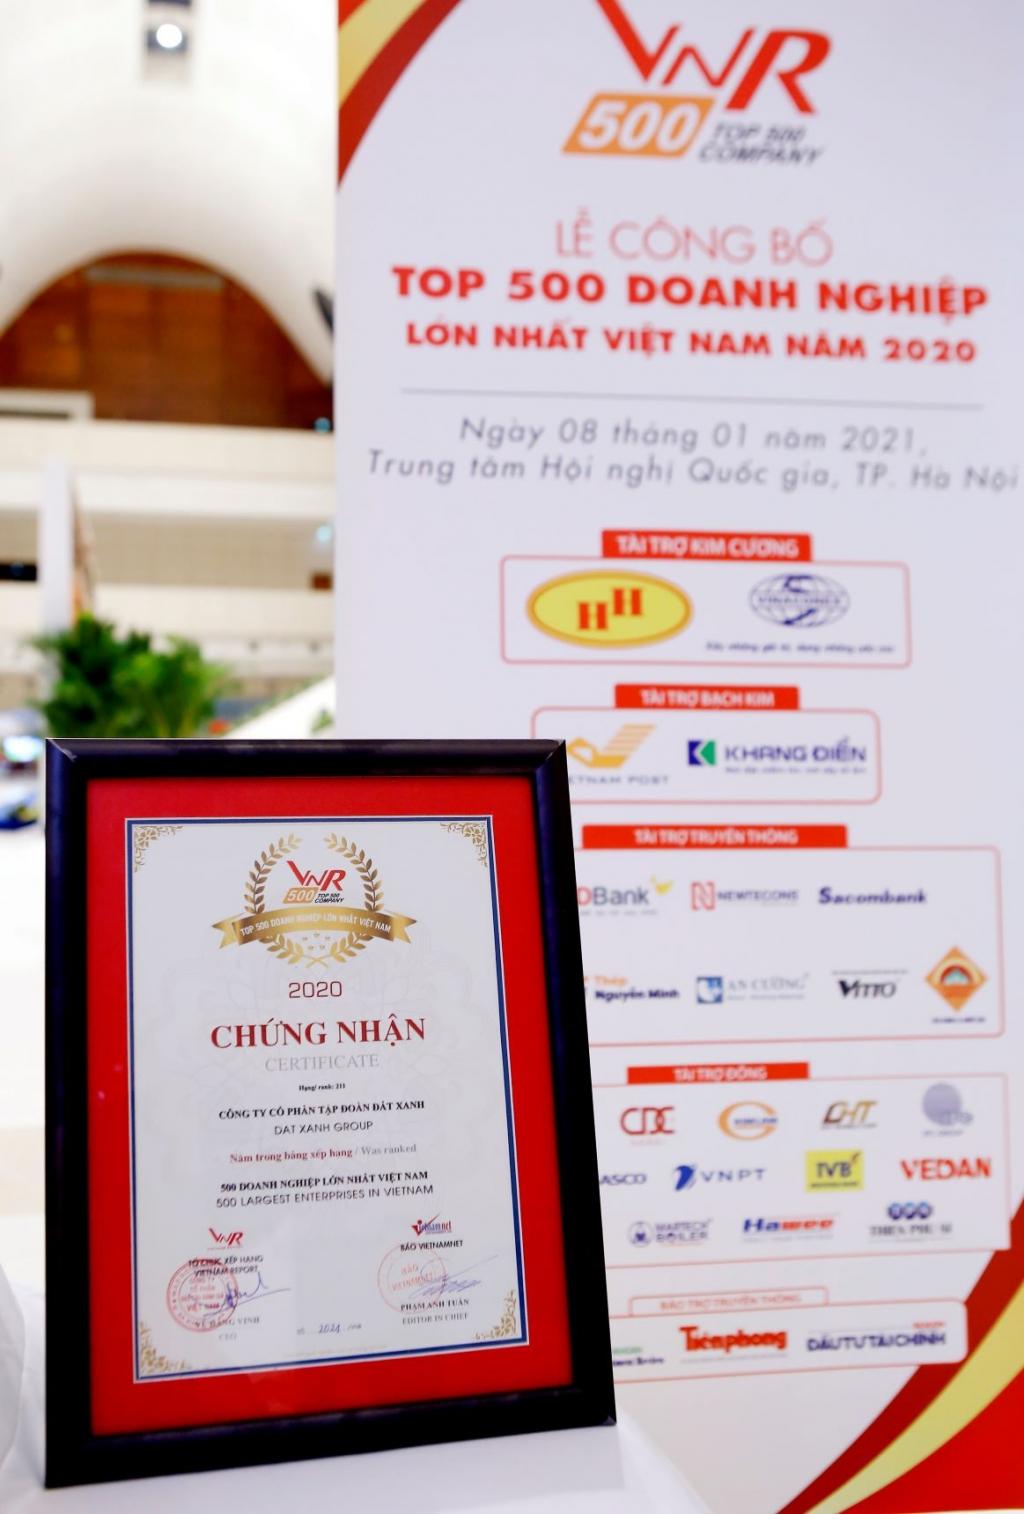 VNR500 là bảng xếp hạng uy tín, được xây dựng dựa trên tiêu chí doanh thu, tổng tài sản, tốc độ tăng trưởng, lợi nhuận, uy tín doanh nghiệp trên truyền thông...